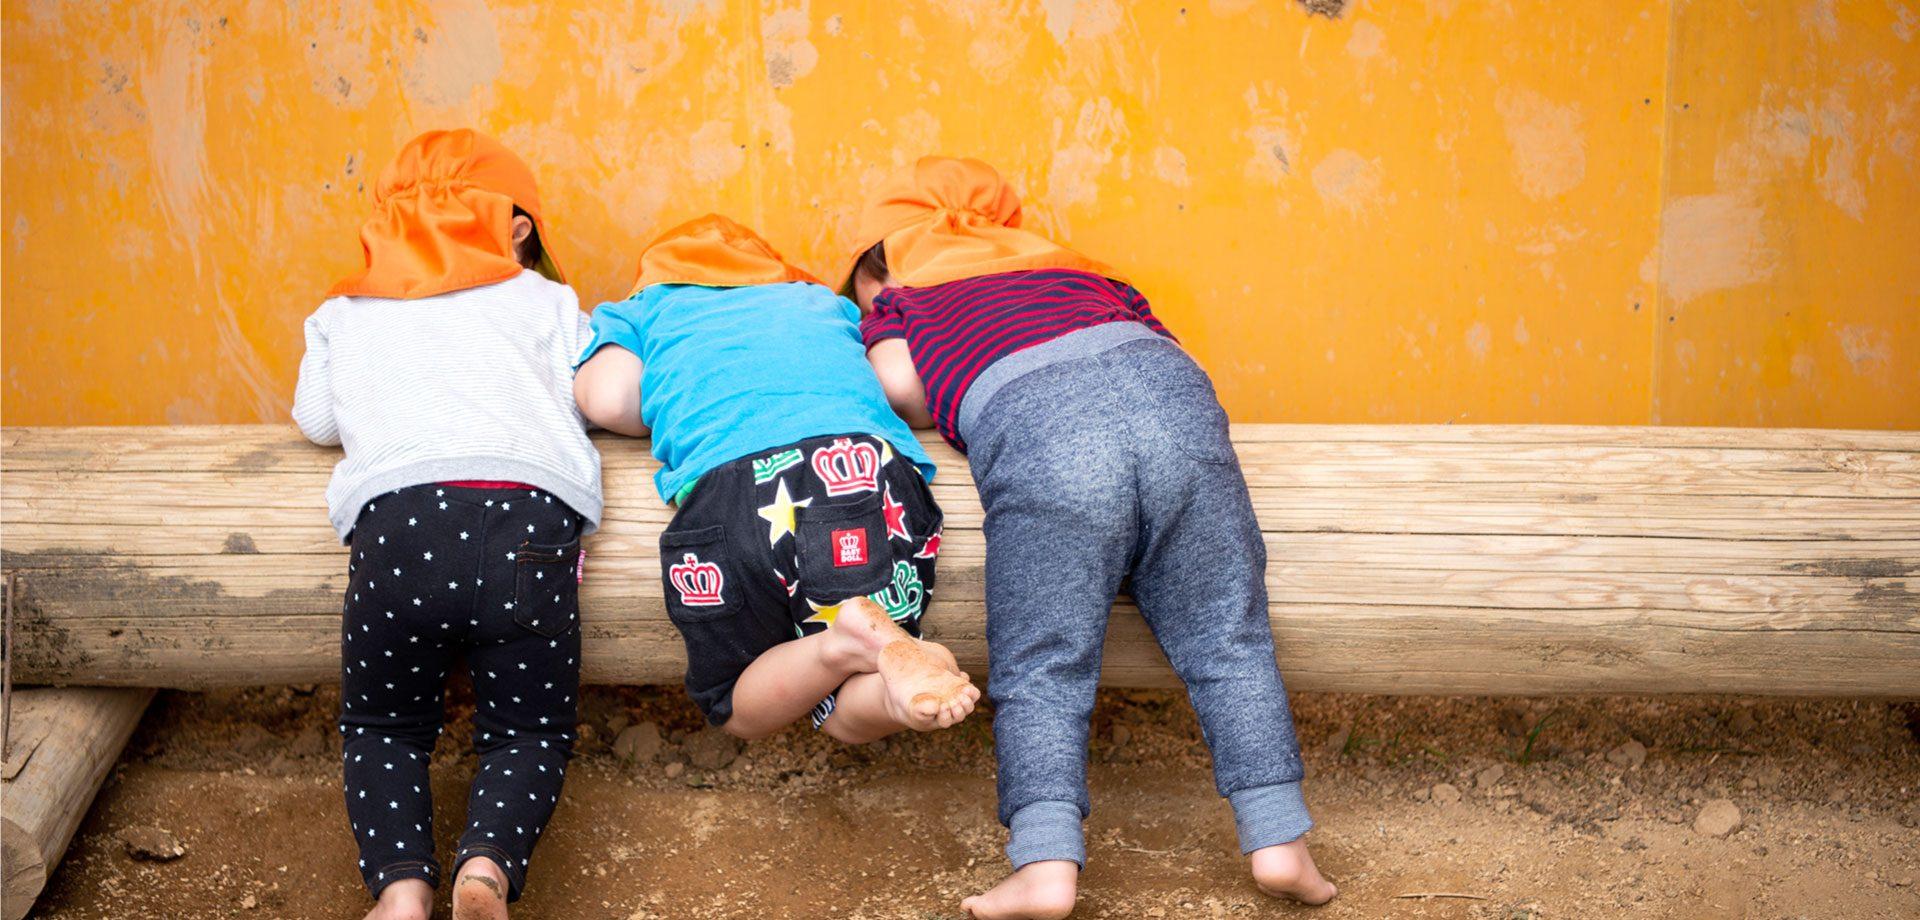 ともに育つ かもと乳児保育園